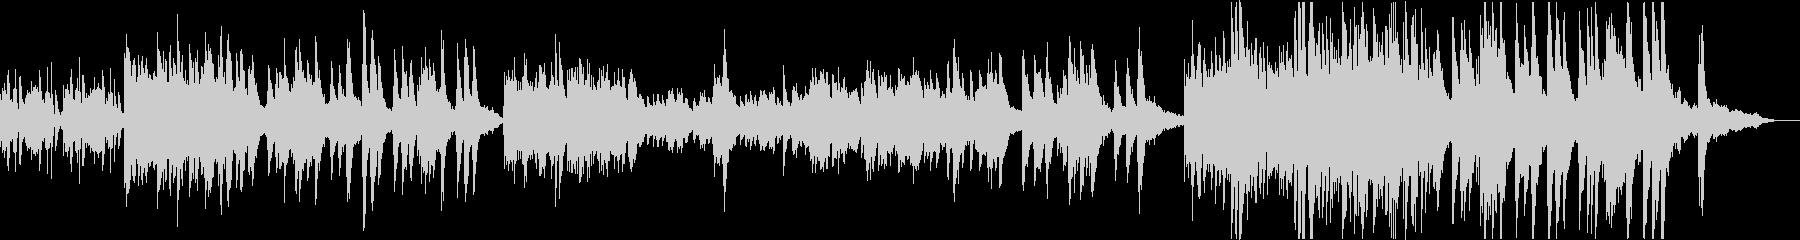 ヒマワリが咲き並ぶ情景(ピアノソロ)の未再生の波形